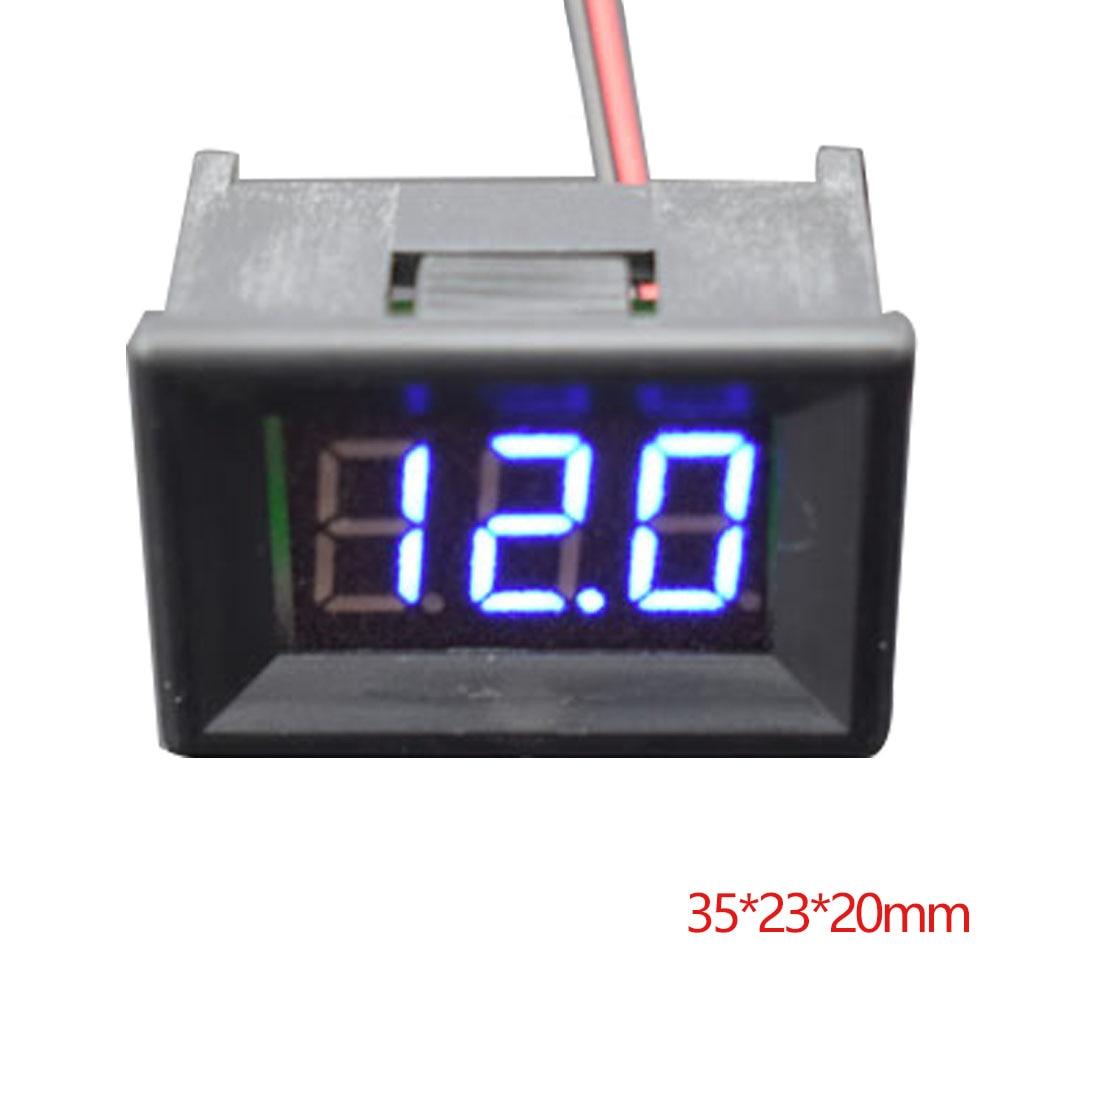 LED affichage bleu numérique panneau tension mètre deux fils 0.36 pouces DC 4.50 V-30.0 V tension détecteur moniteur voltmètre numérique